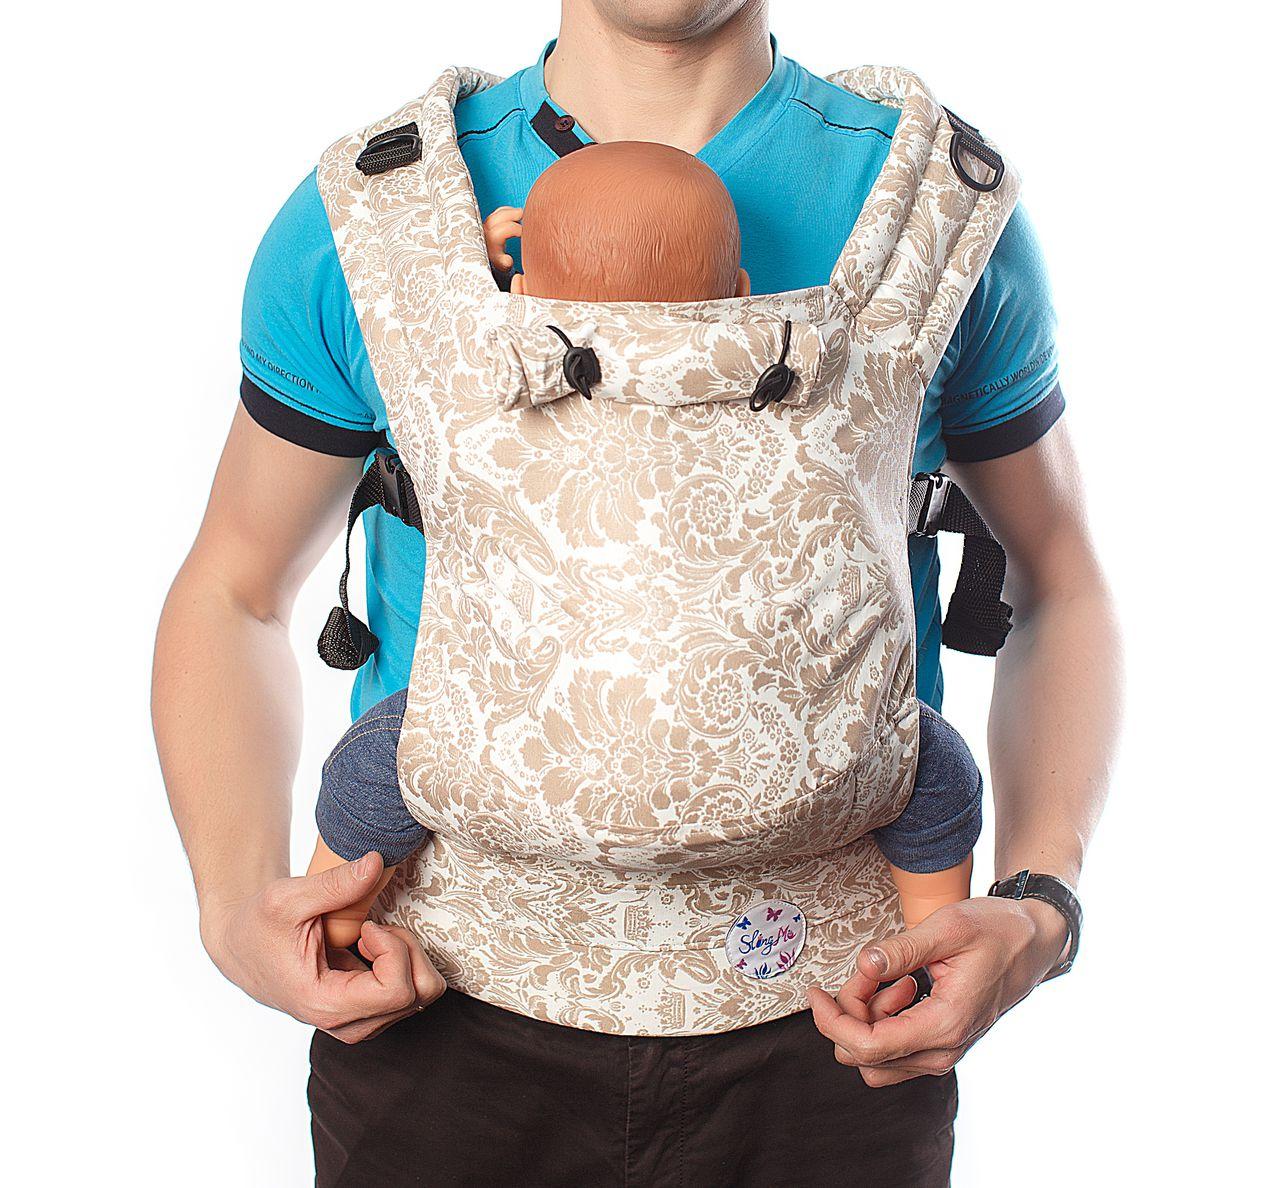 Купить Эргономичный рюкзак SlingMe Ажур Комфорт, Рюкзак-кенгуру